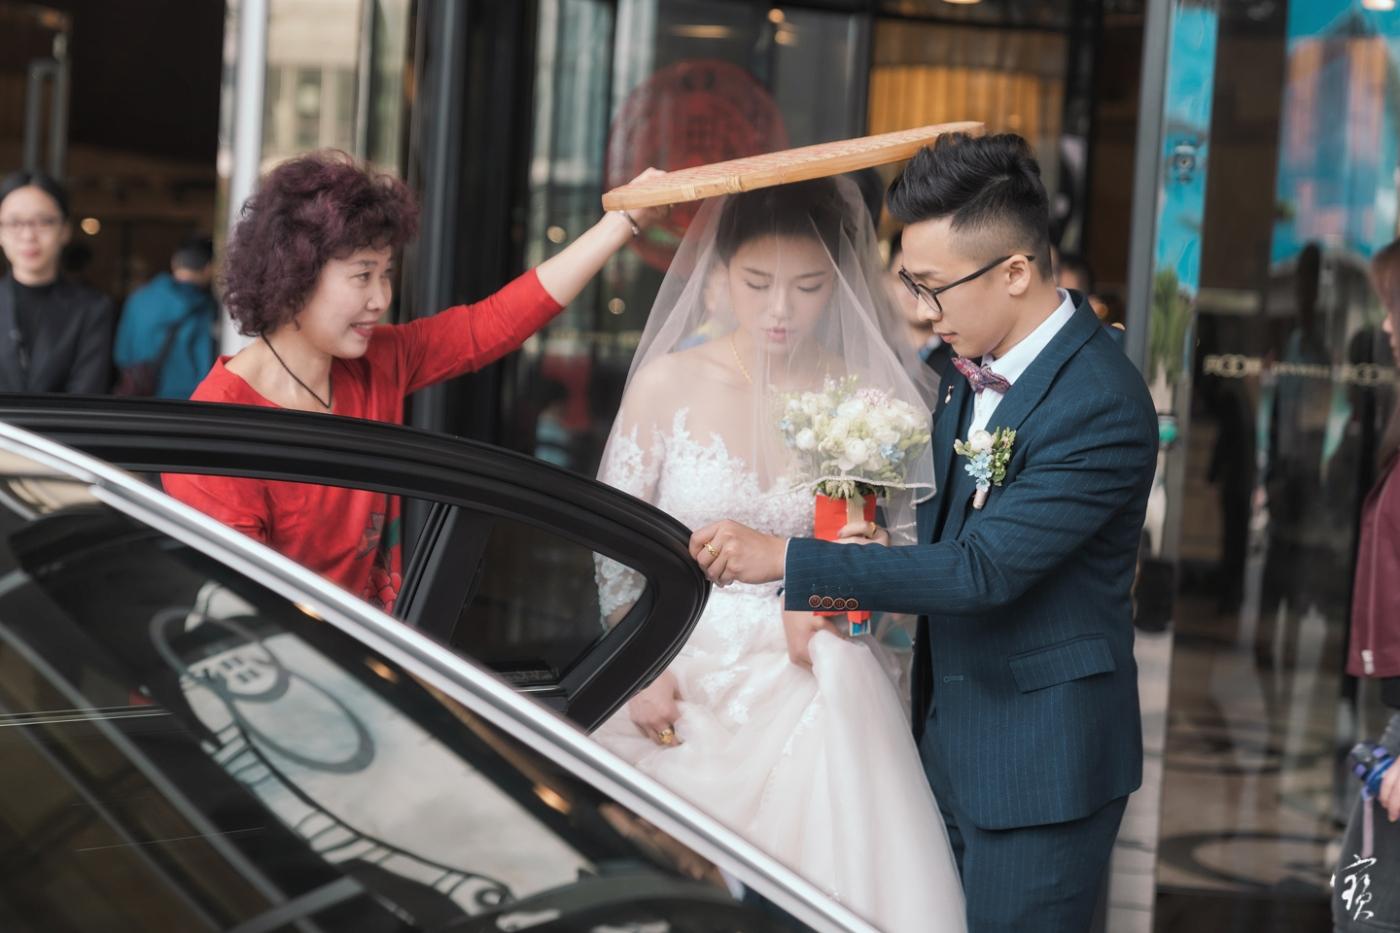 婚禮攝影 婚紗 大直 典華 冬半影像 攝影師大寶 北部攝影 台北攝影 桃園攝影 新竹攝影20181208-215